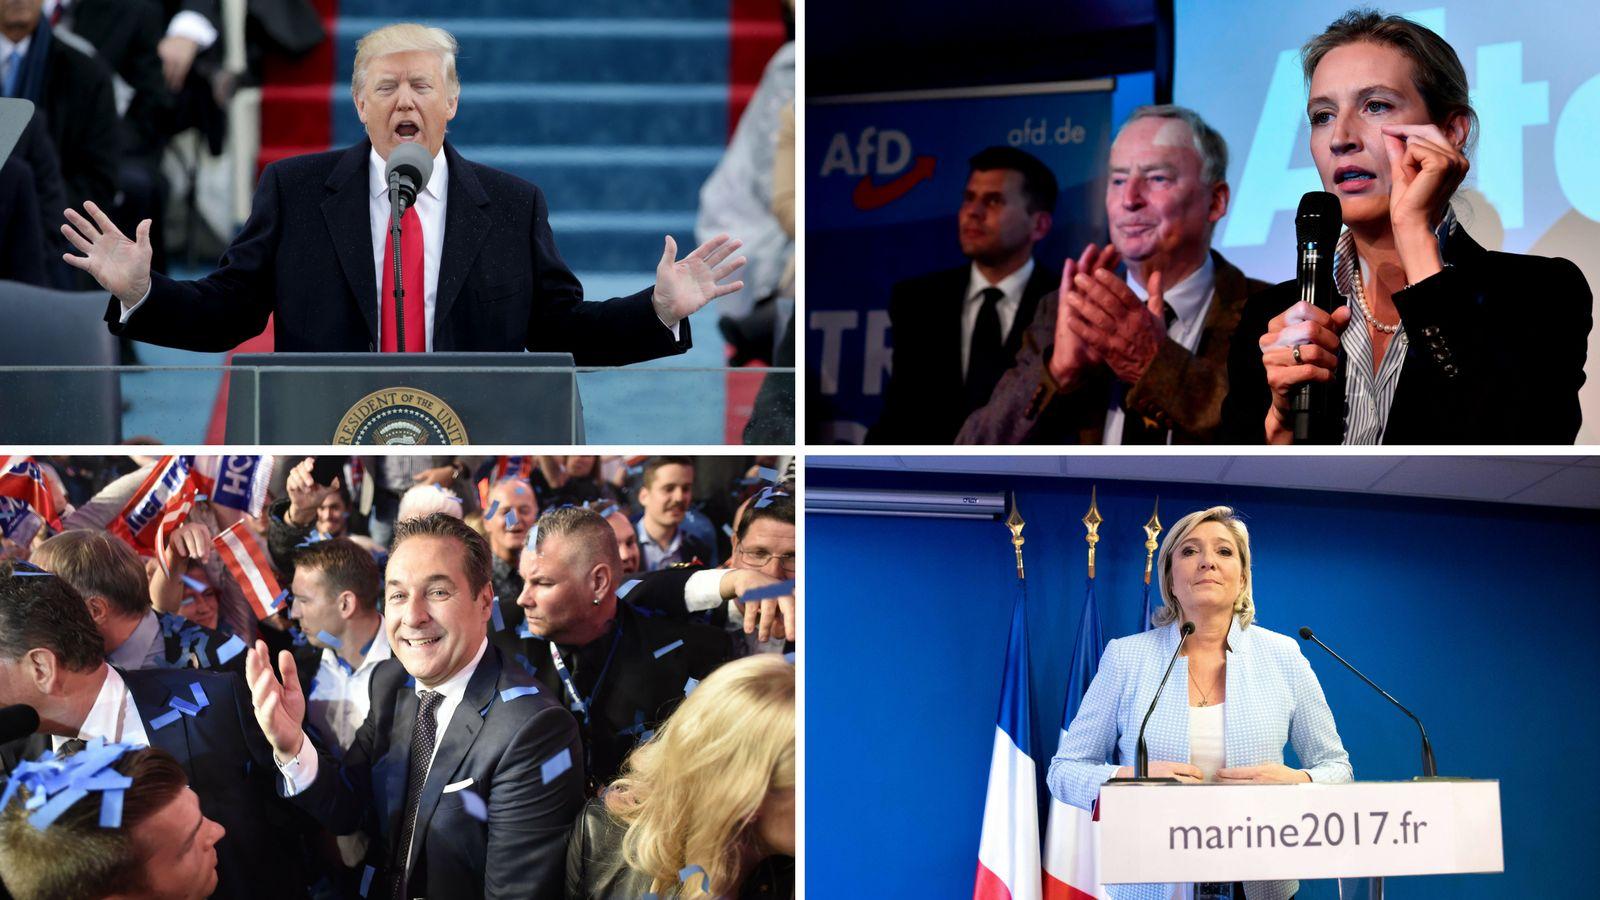 War 2017 das Ende des Populismus? Diese Fakten sprechen